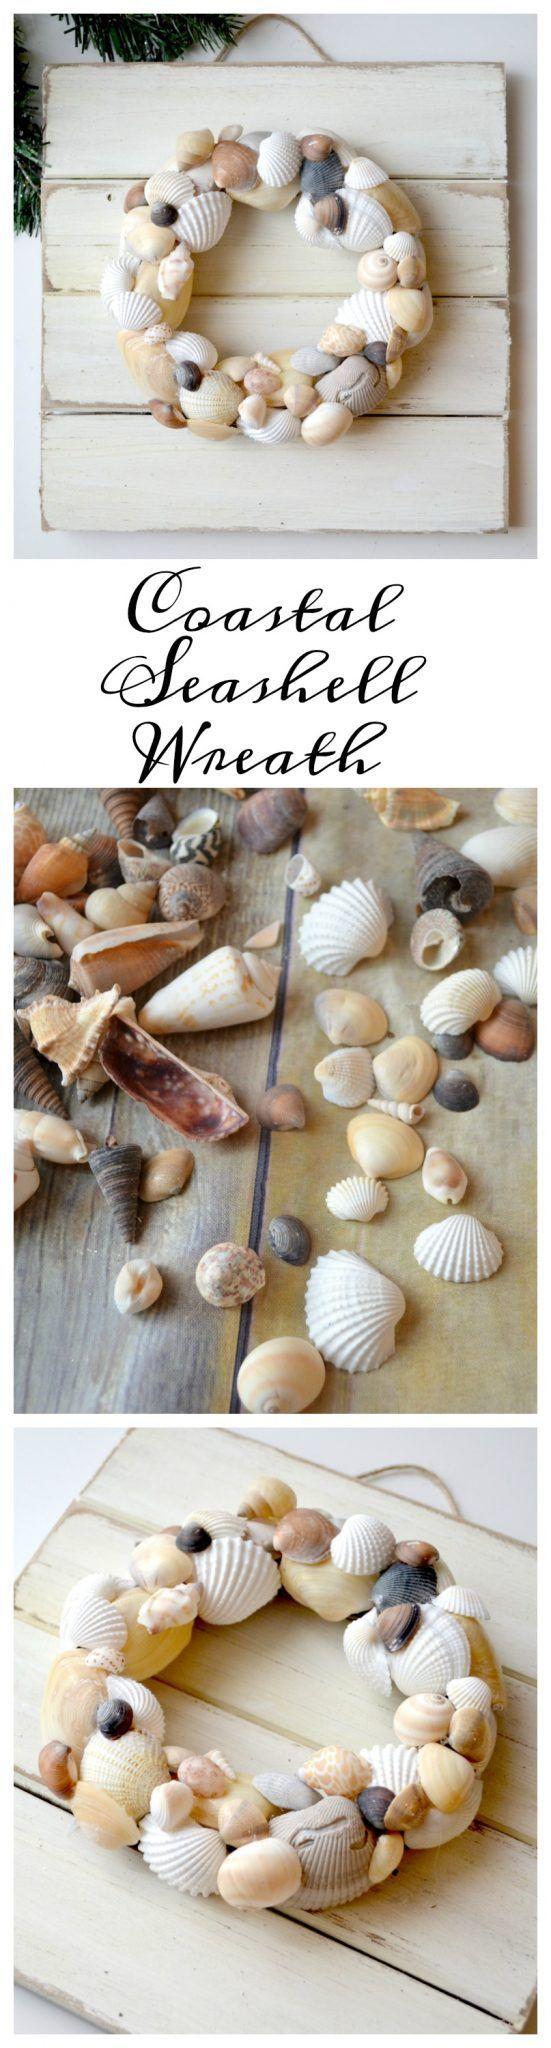 Coastal Seashell Wreath - One Artsy Mama